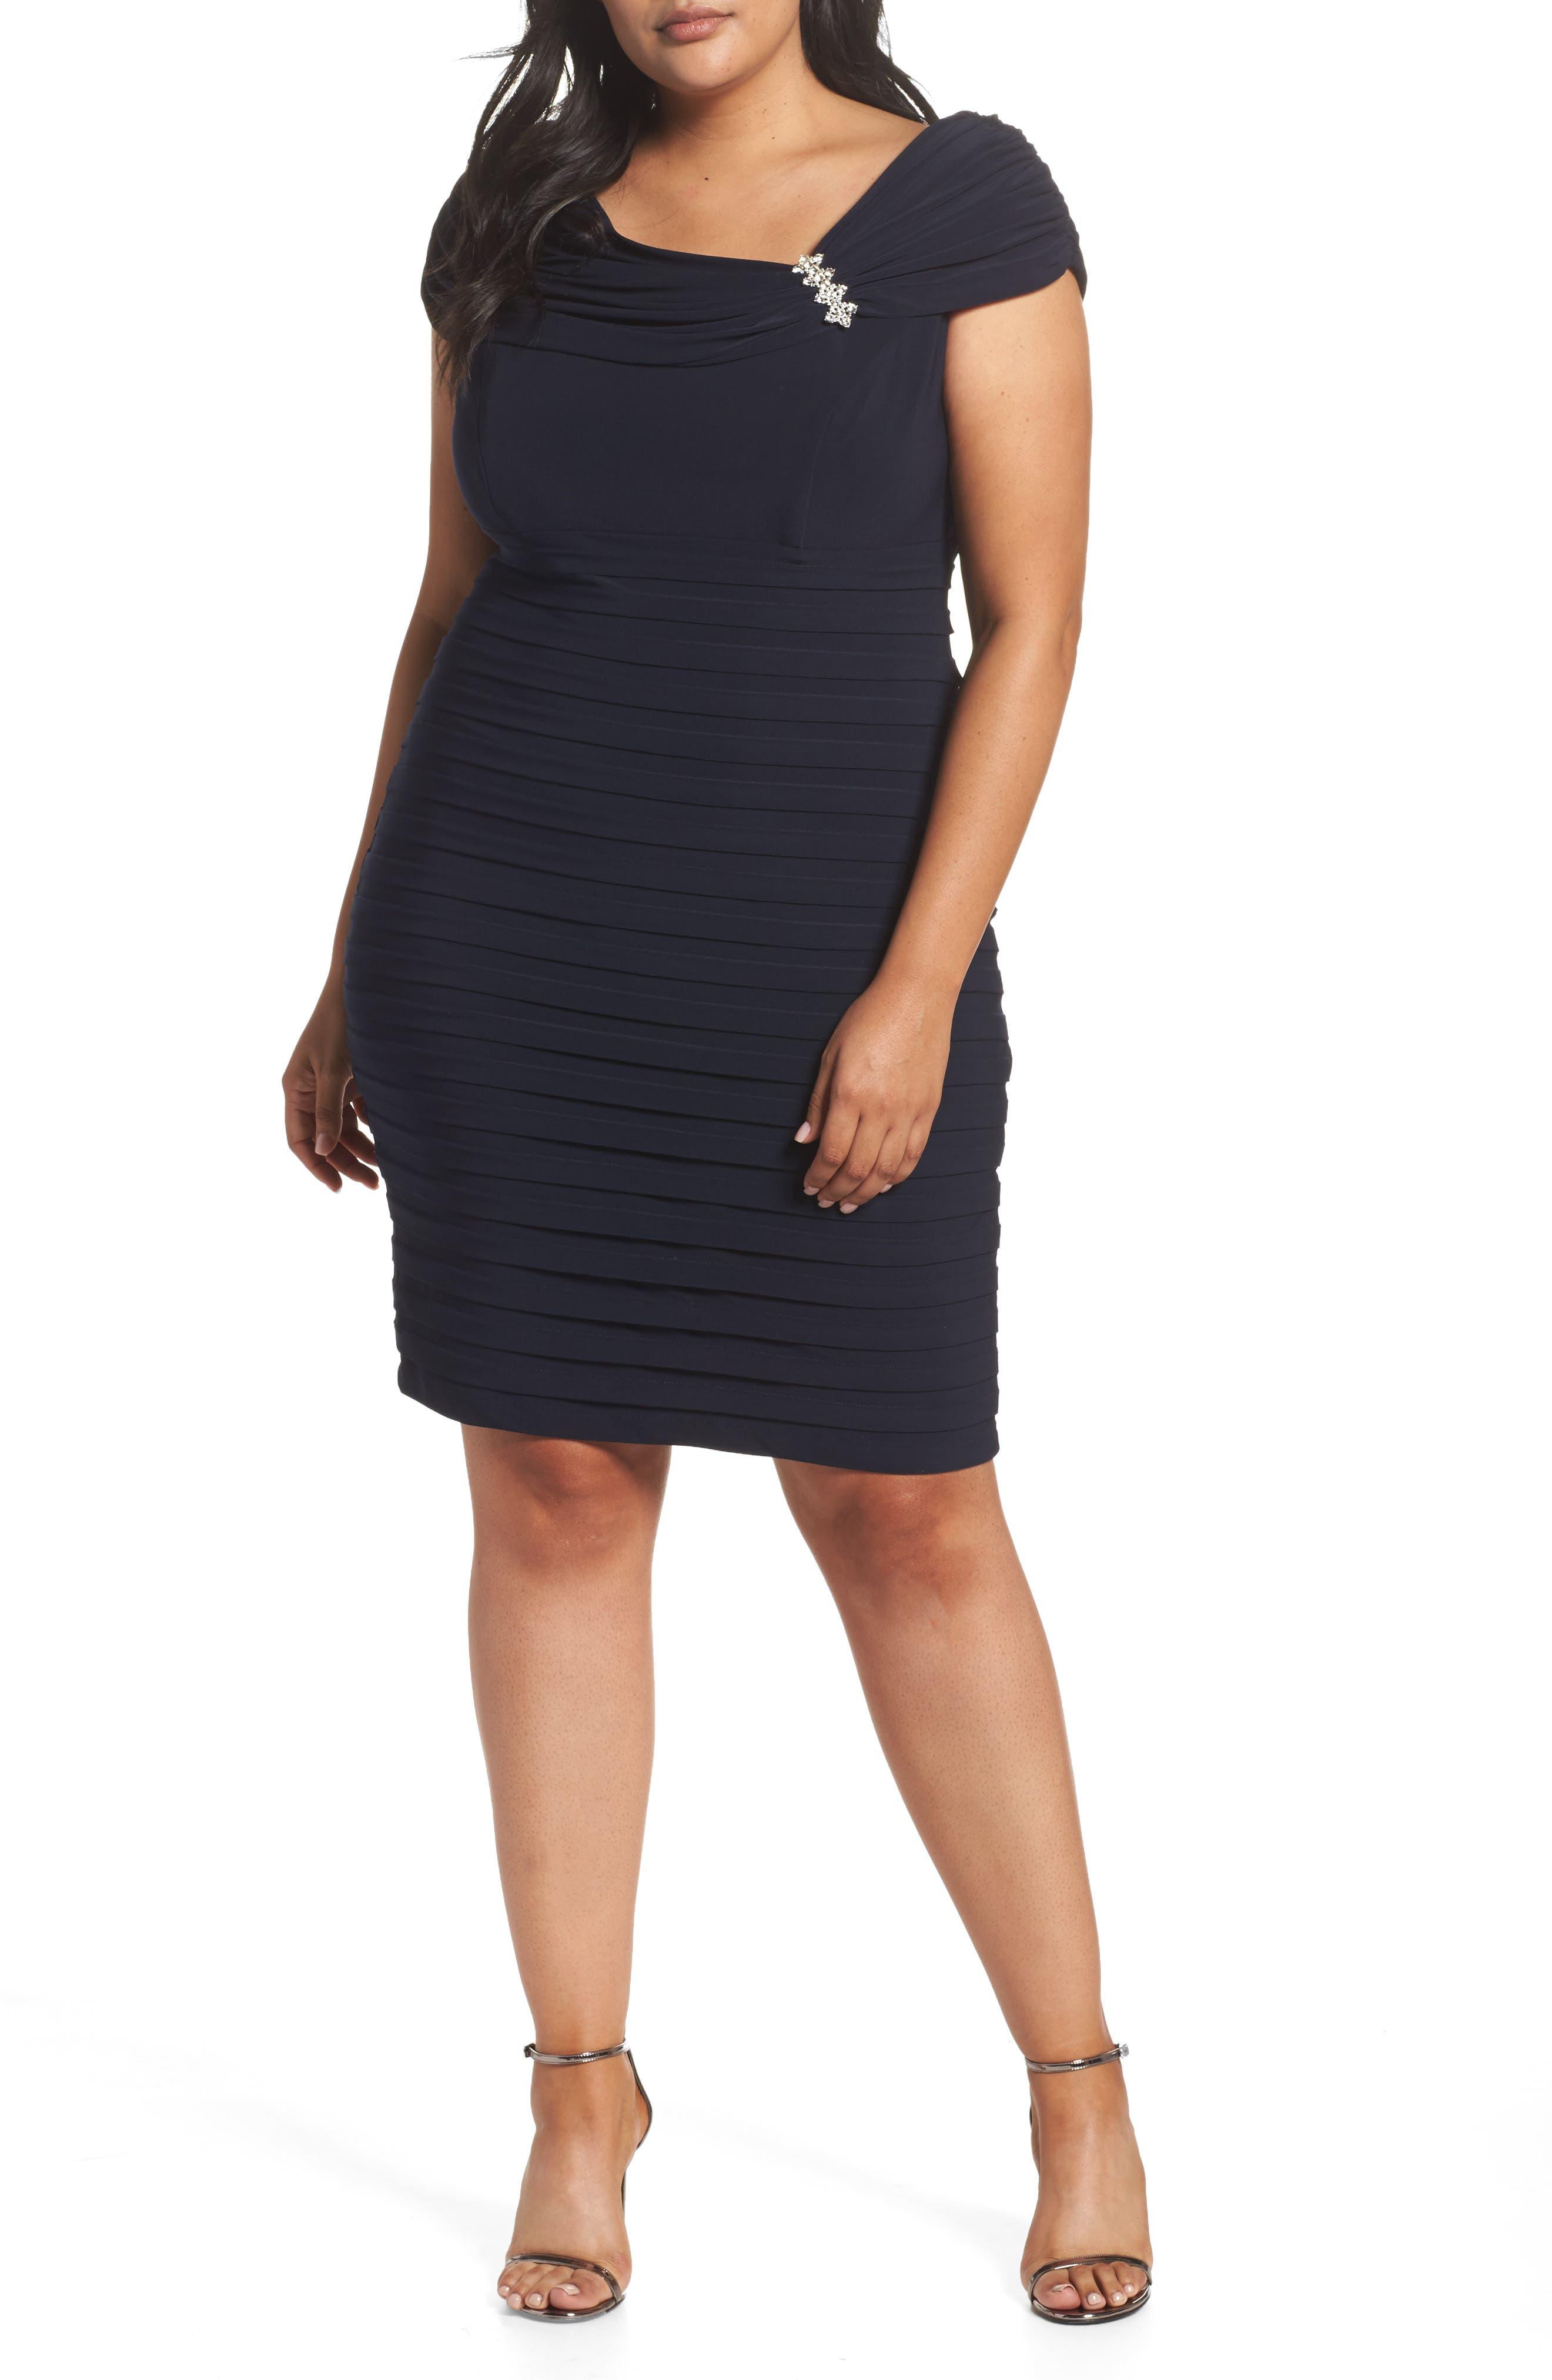 Main Image - Xscape Embellished Portrait Collar Shutter Pleat Cocktail Sheath Dress (Plus Size)